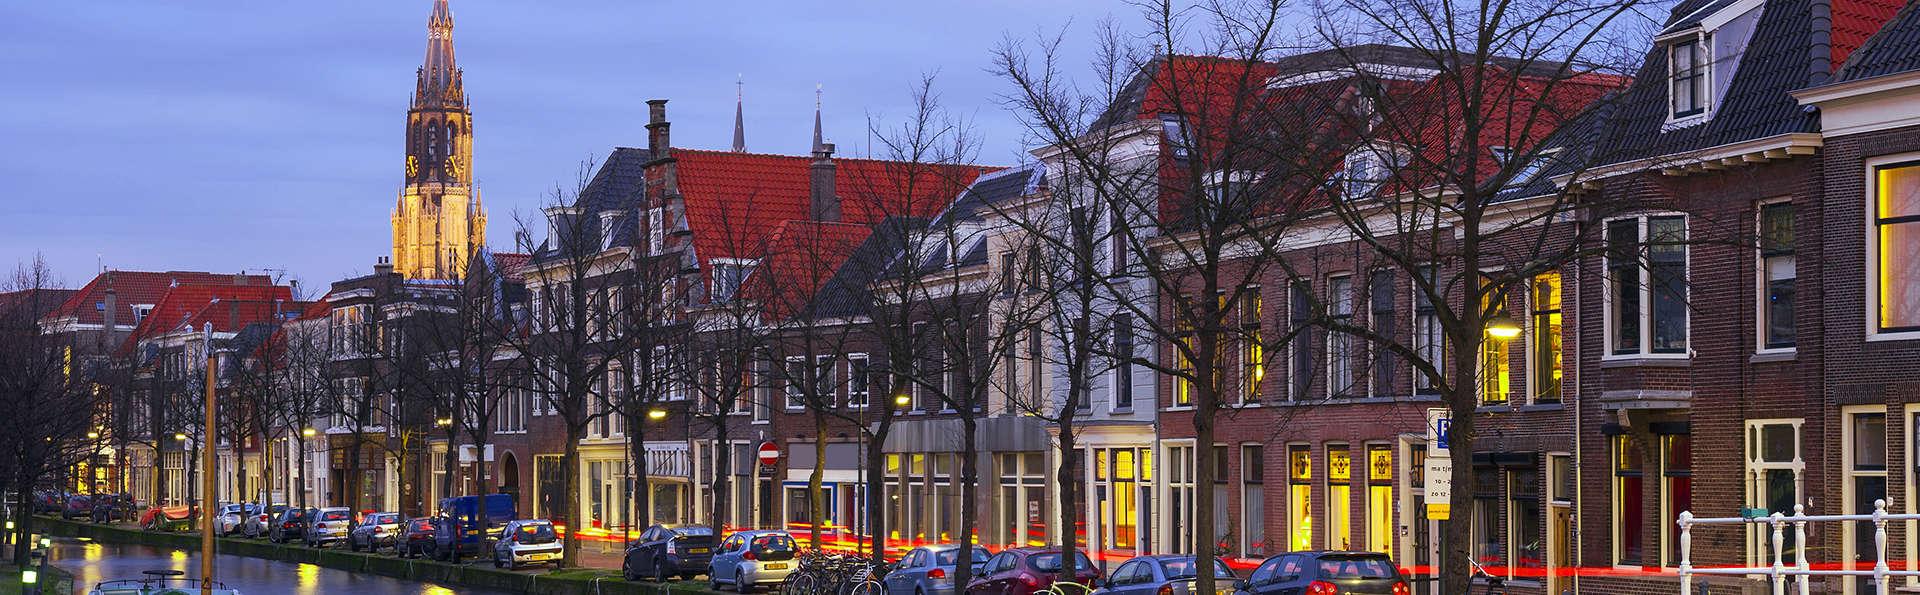 ¡Recorre las calles de Delft y descubre sus misterios en bicicleta!